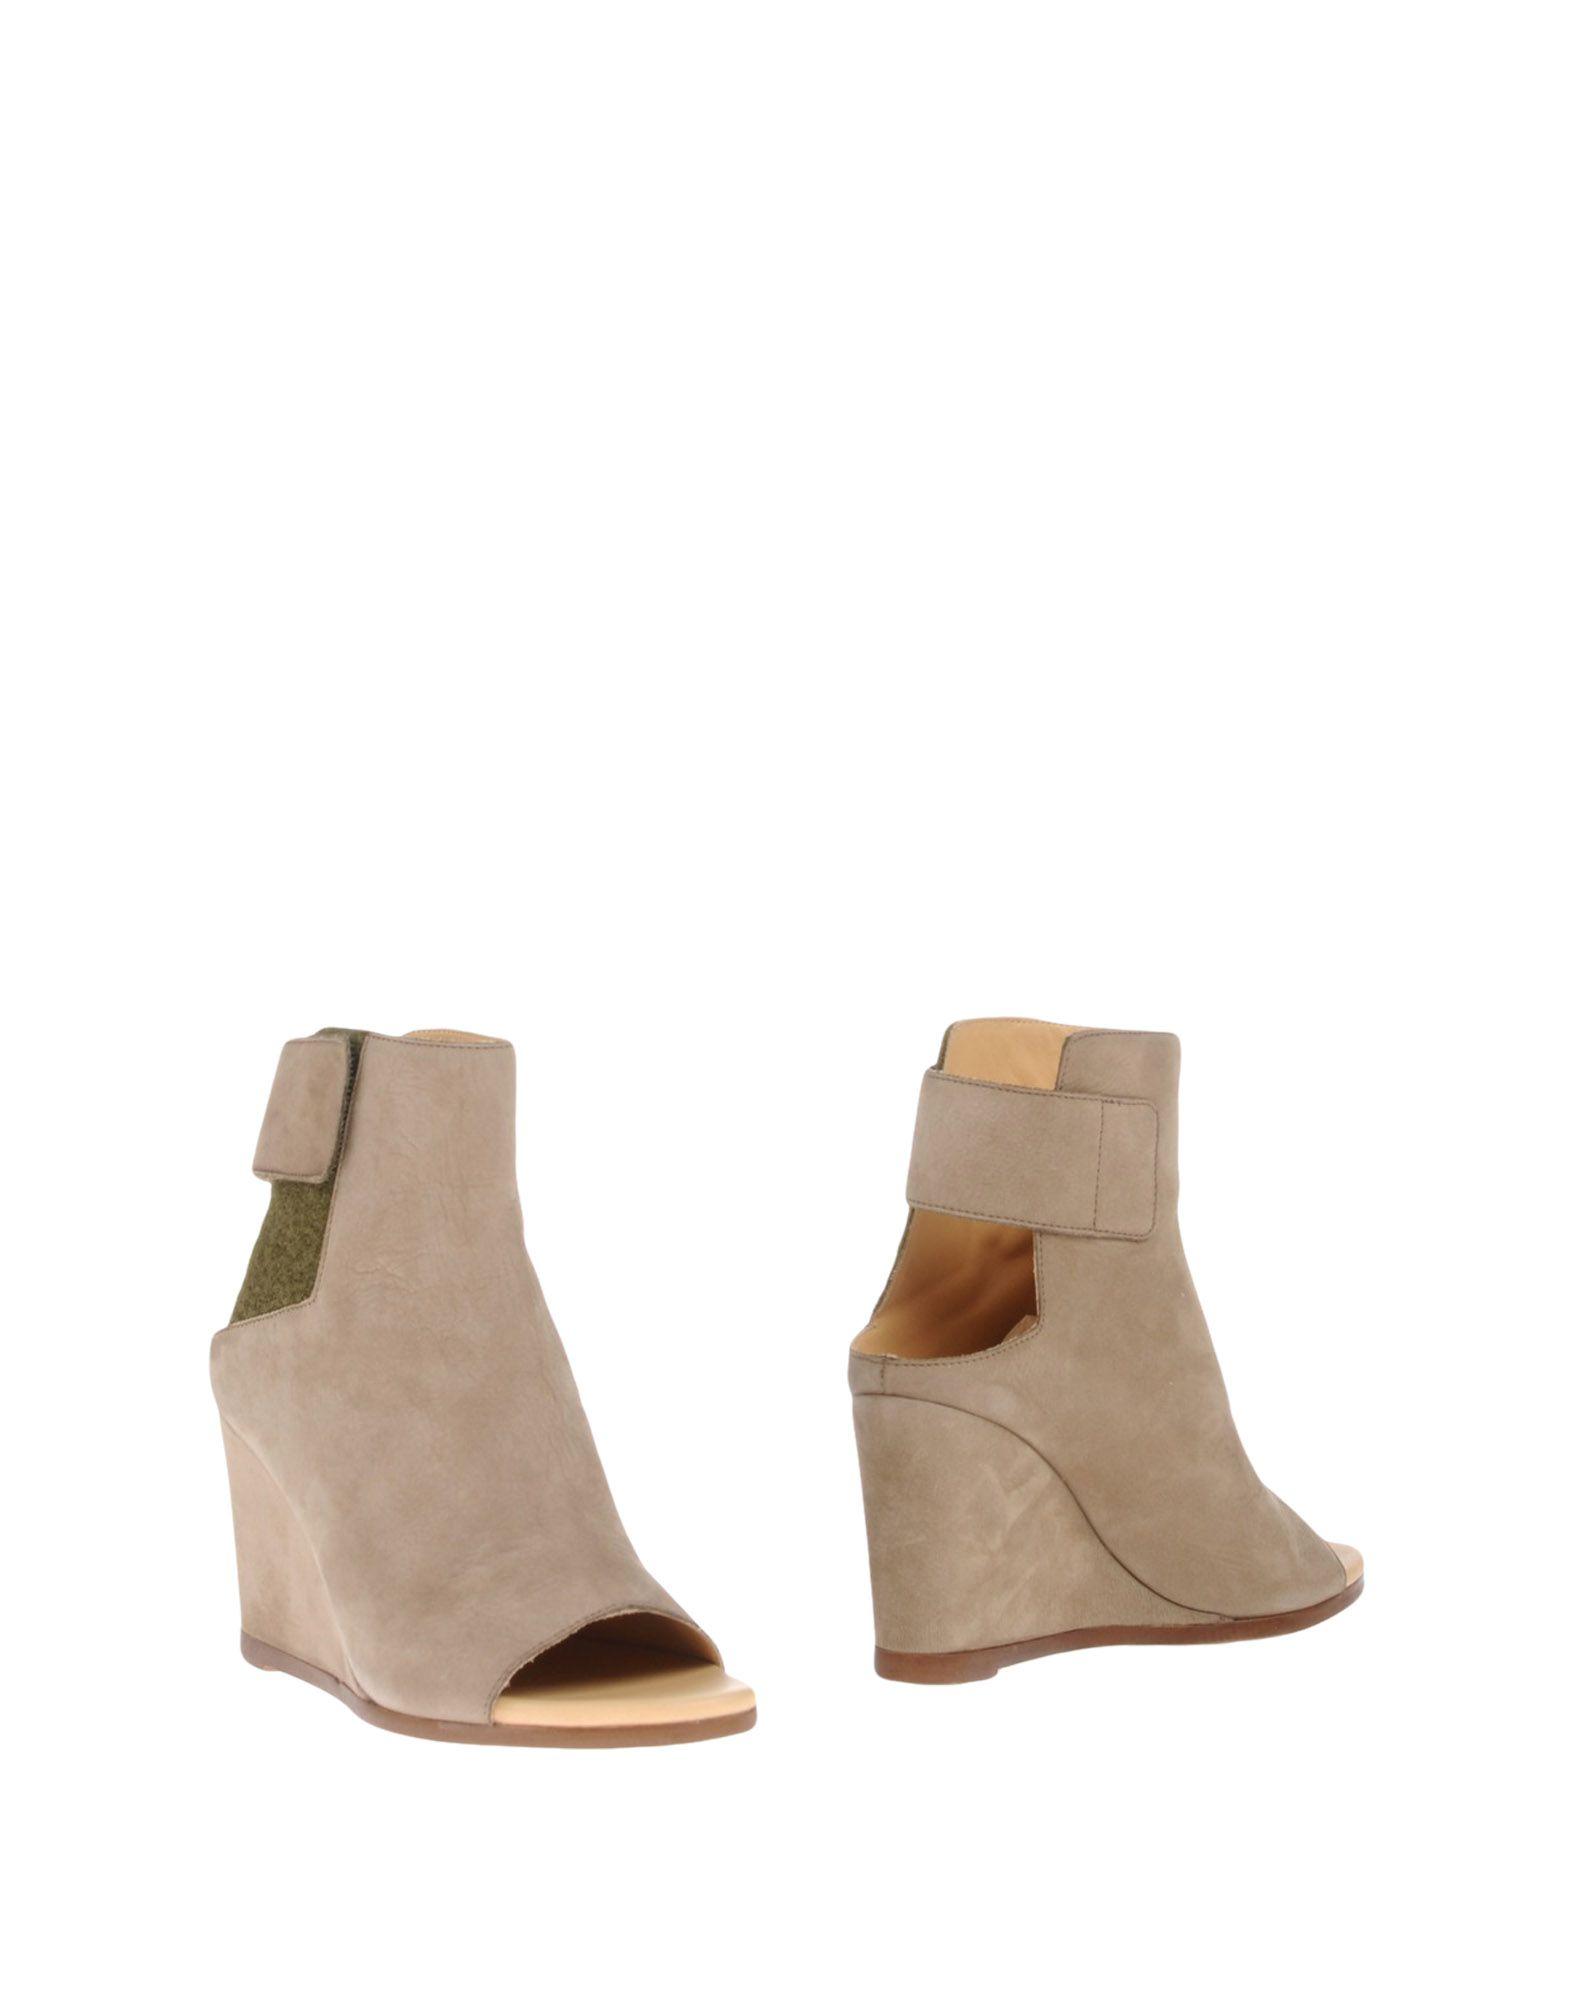 Mm6 Maison Margiela Stiefelette Damen Schuhe  11133582QRGünstige gut aussehende Schuhe Damen bf9726